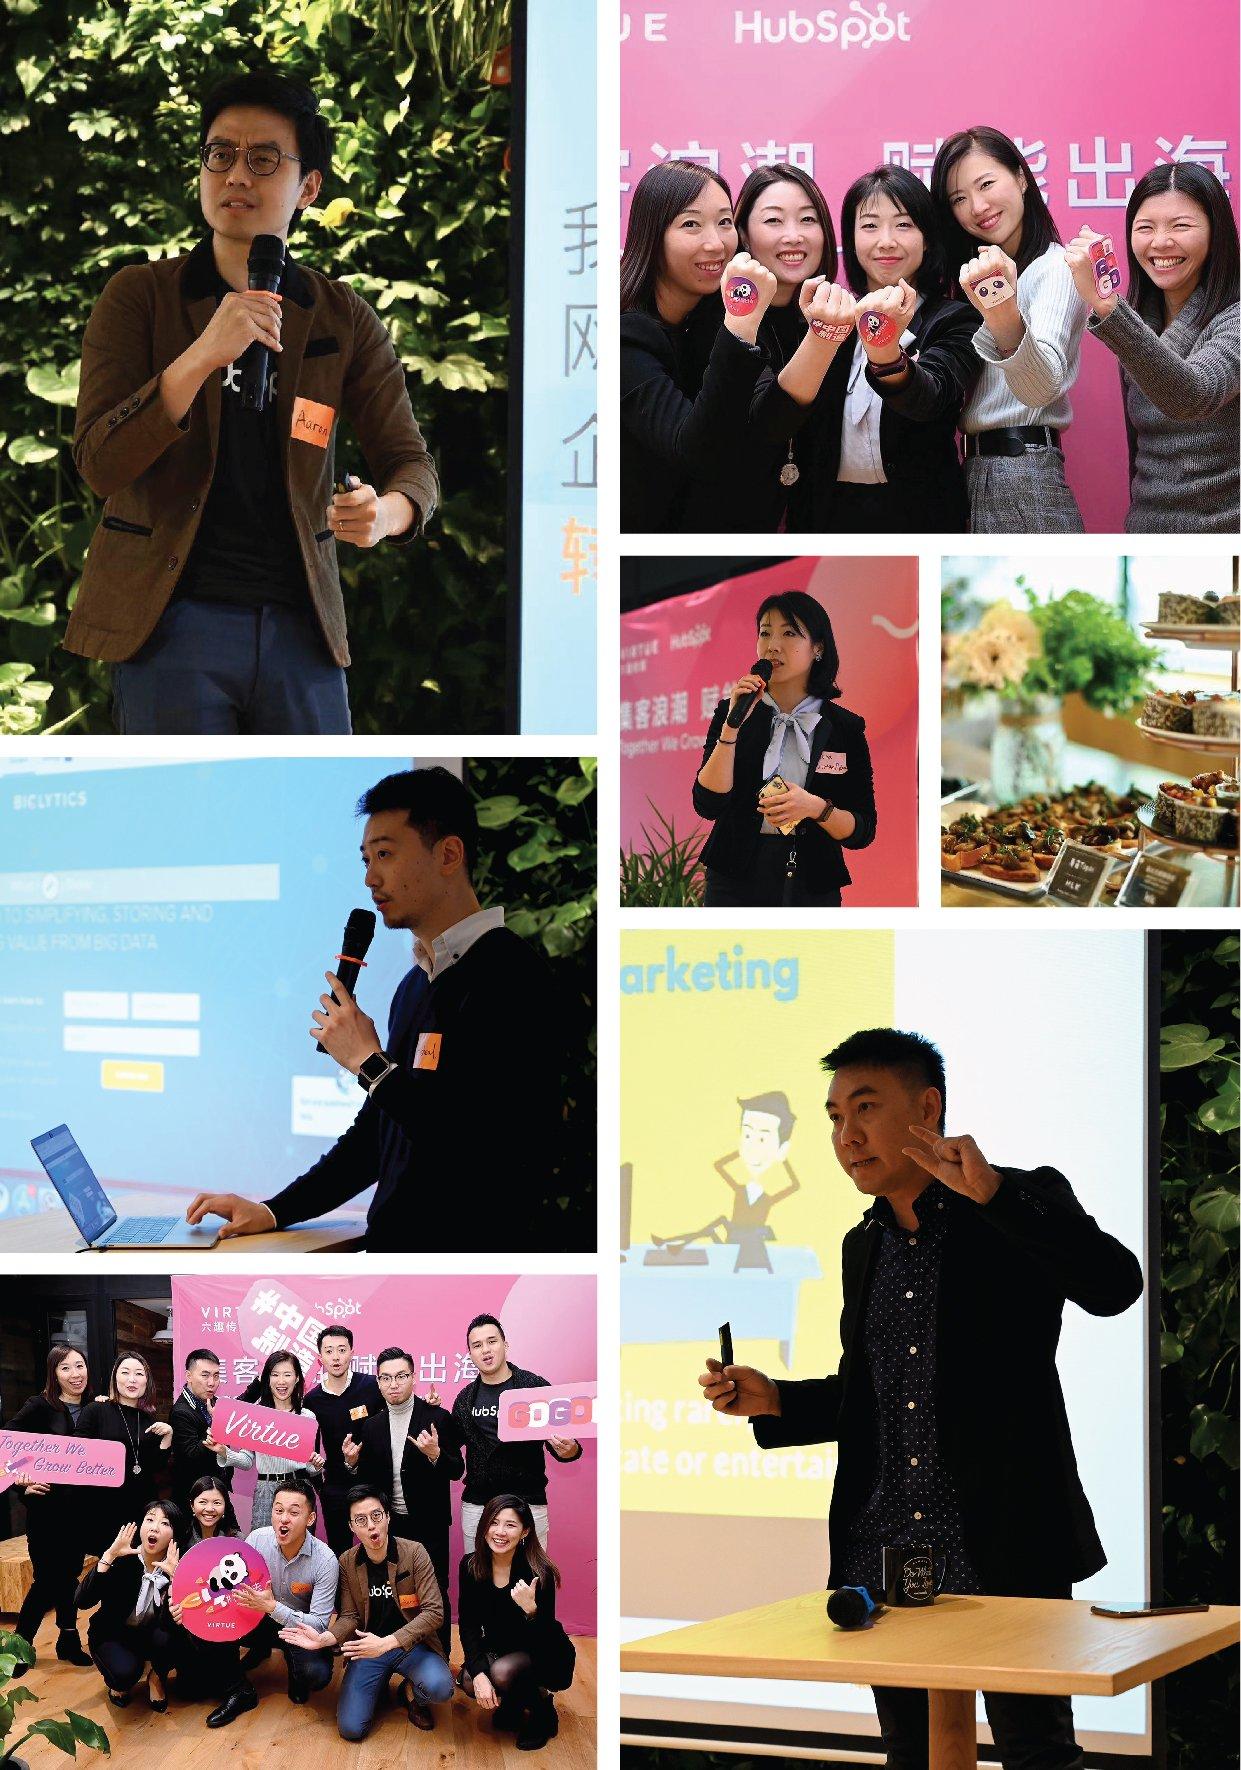 VM_shanghai_event_inbound_Hubspot